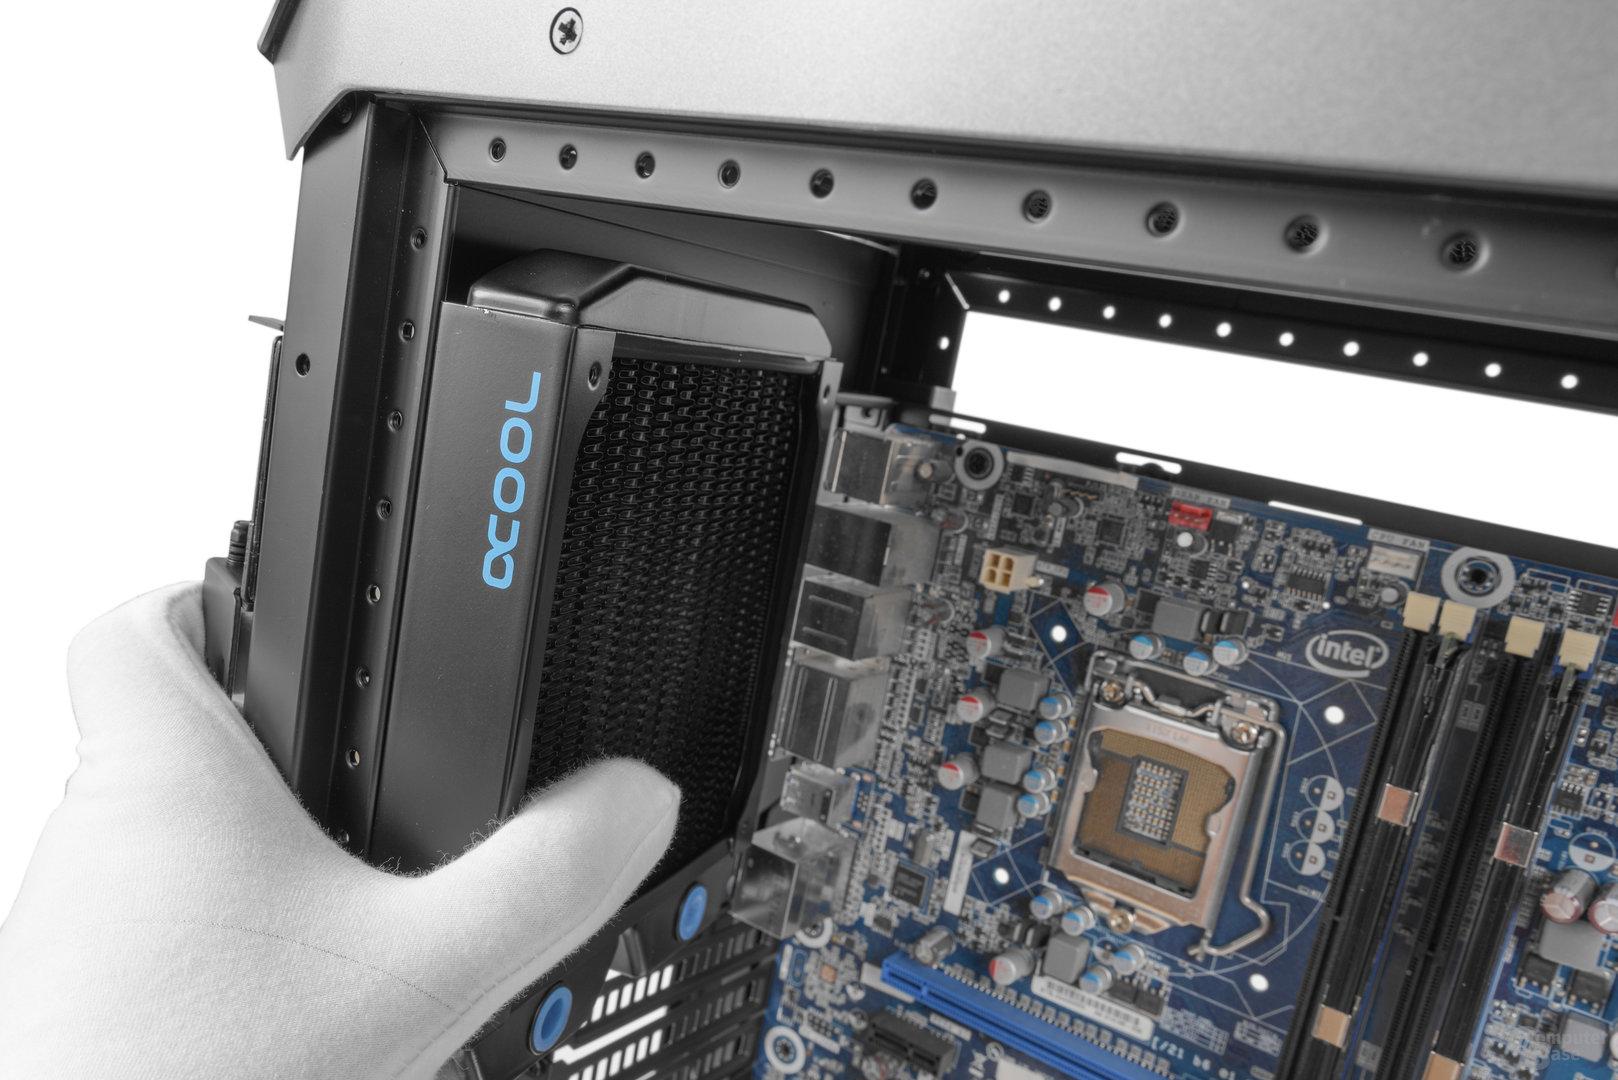 Cooler Master Cosmos C700P – Im Heck soll laut Hersteller ein 140-mm-Radiator passen, was nicht der Fall ist